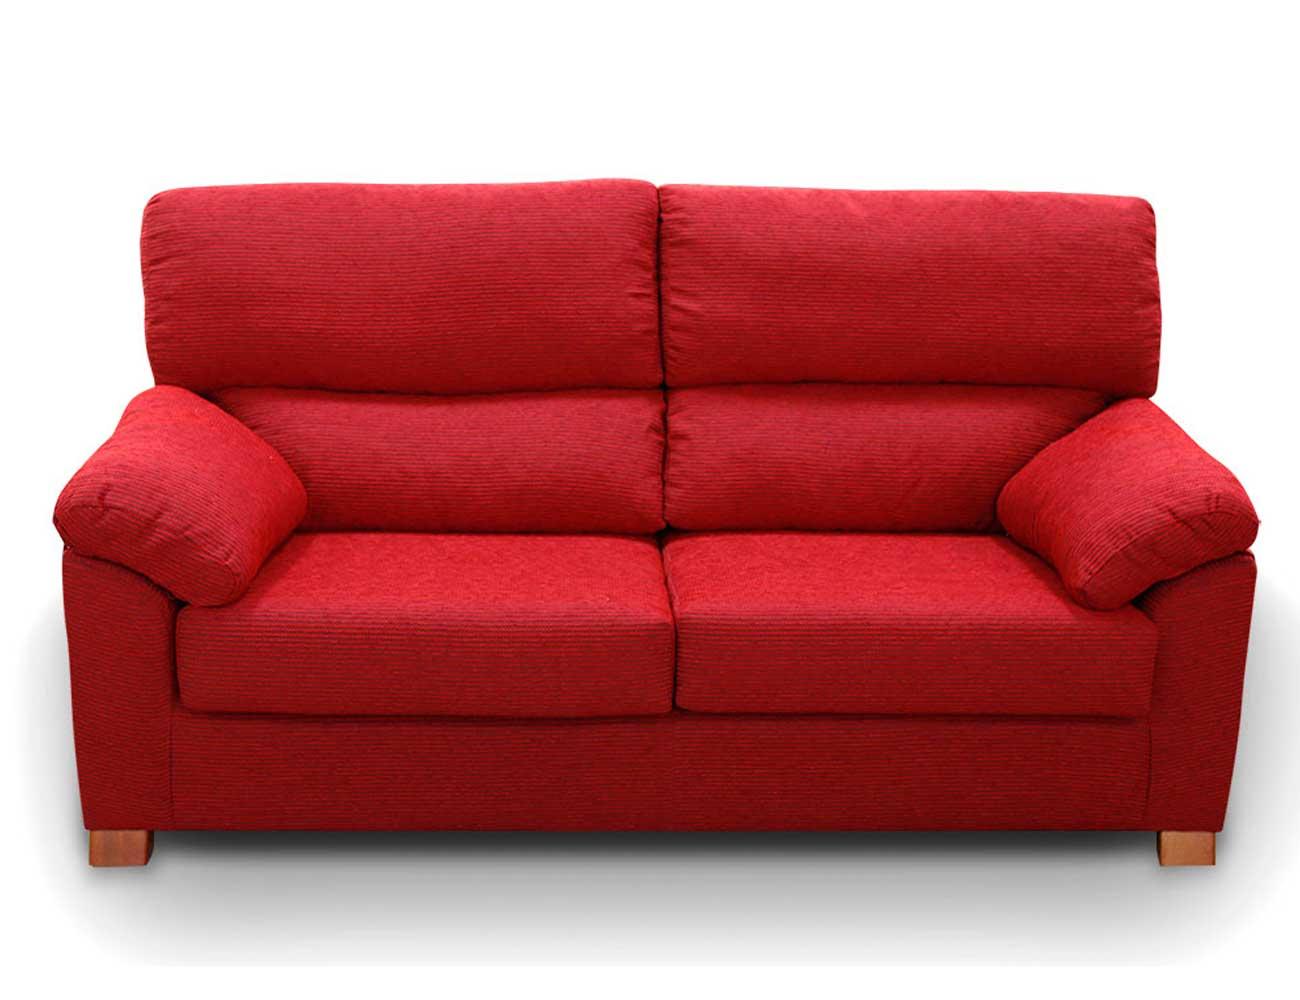 Sof cama con sistema extraible 7020 factory del for Sofa cama 2 plazas oferta